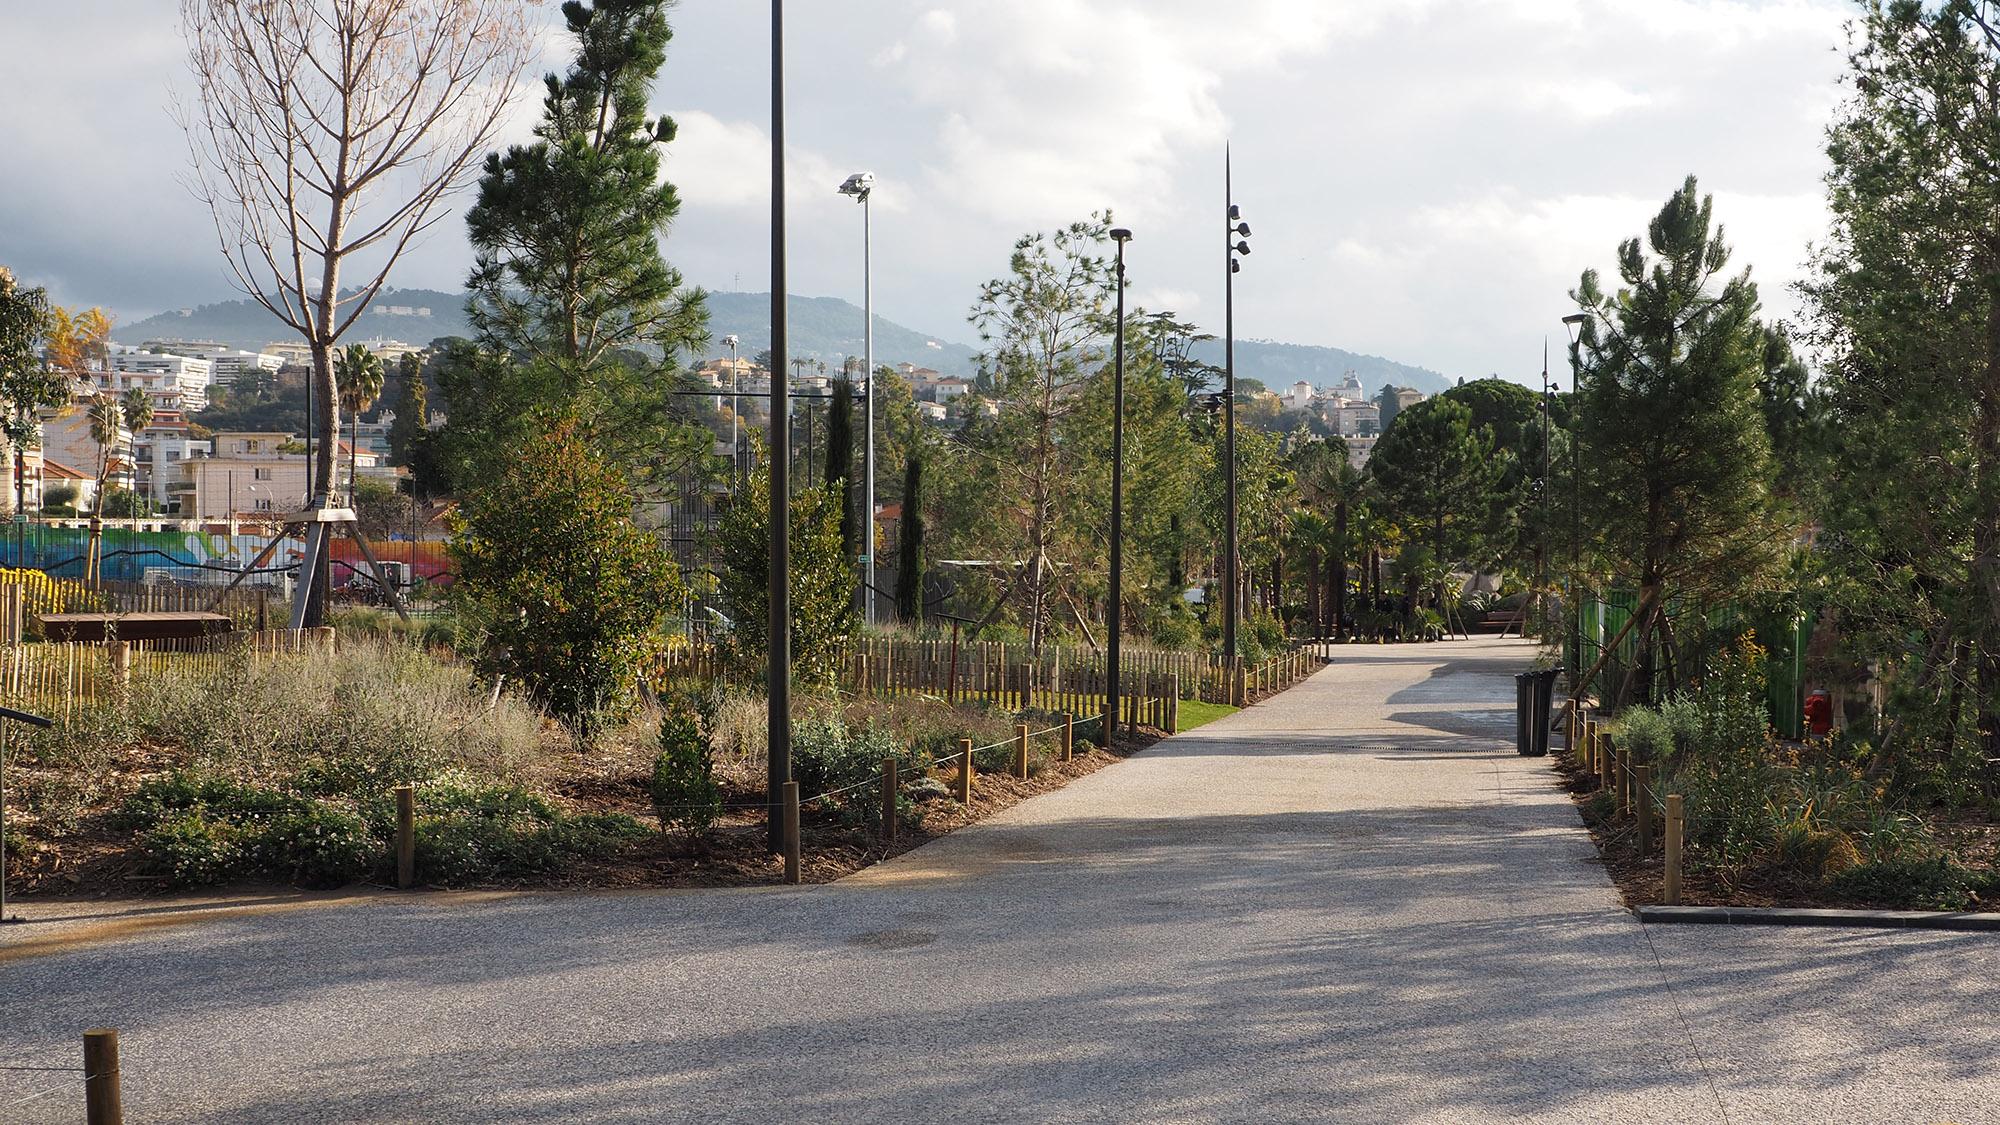 Parc du Ray - Nice - Paysage de garrigue sous pinède